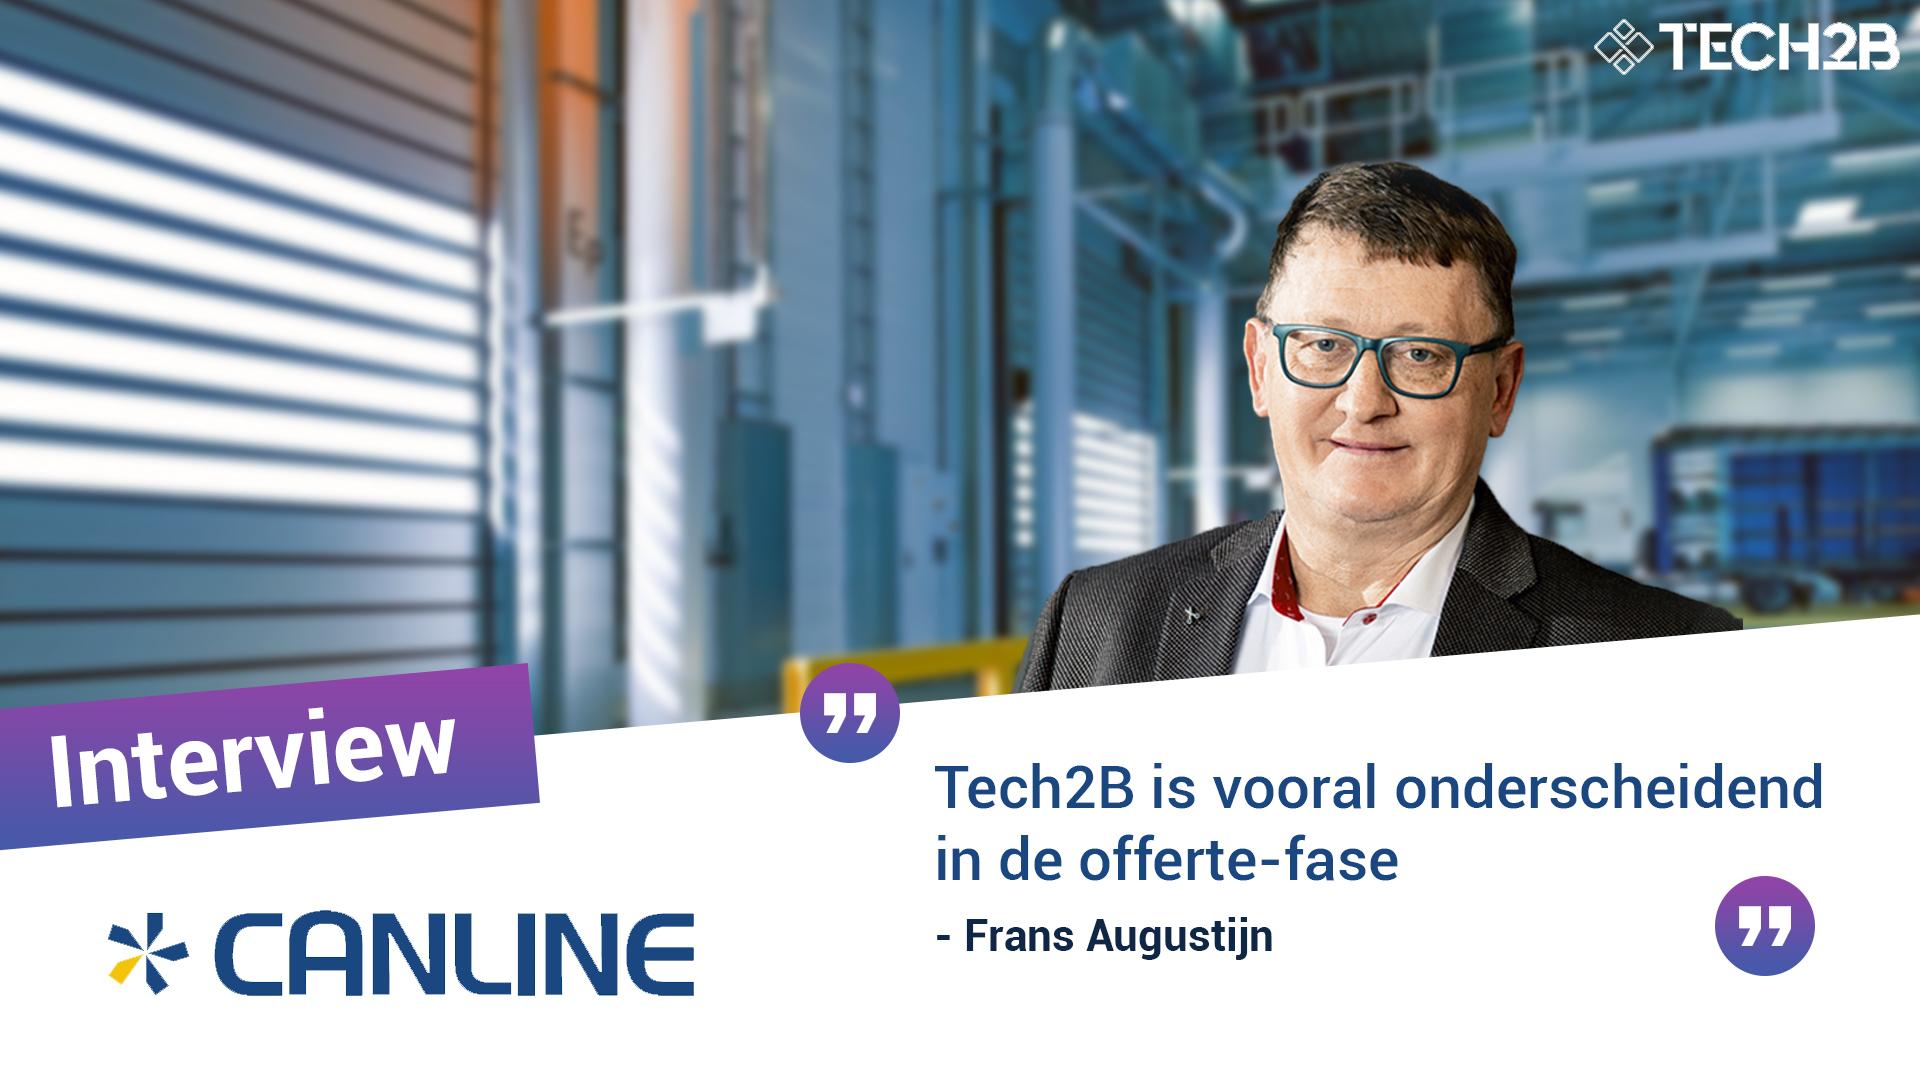 Canline - Frans Augustijn - Offertefase - Tech2B